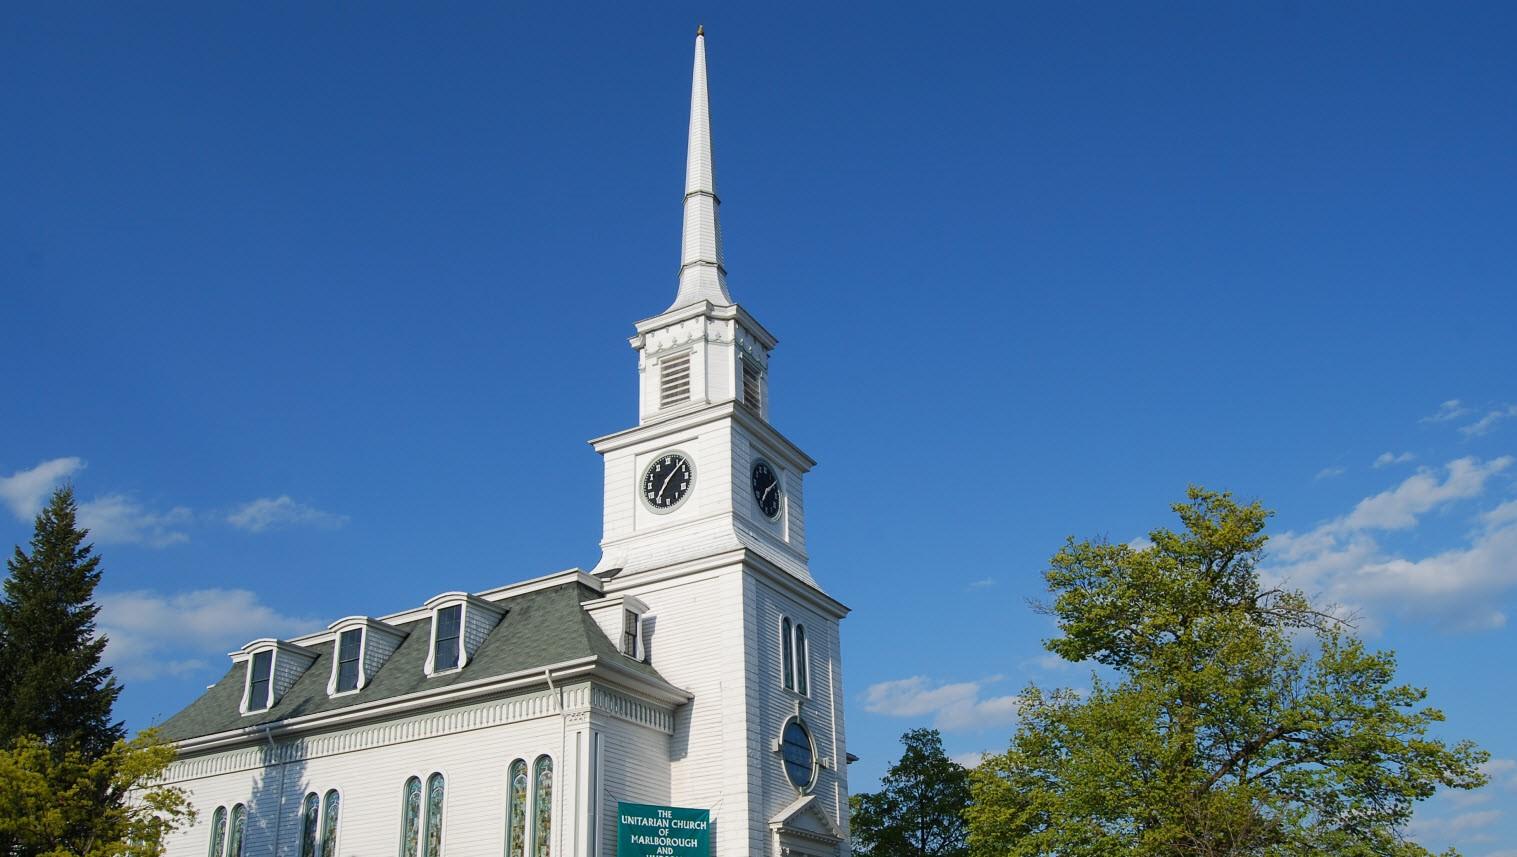 UCMH Church Photo (Wikipedia) (2)